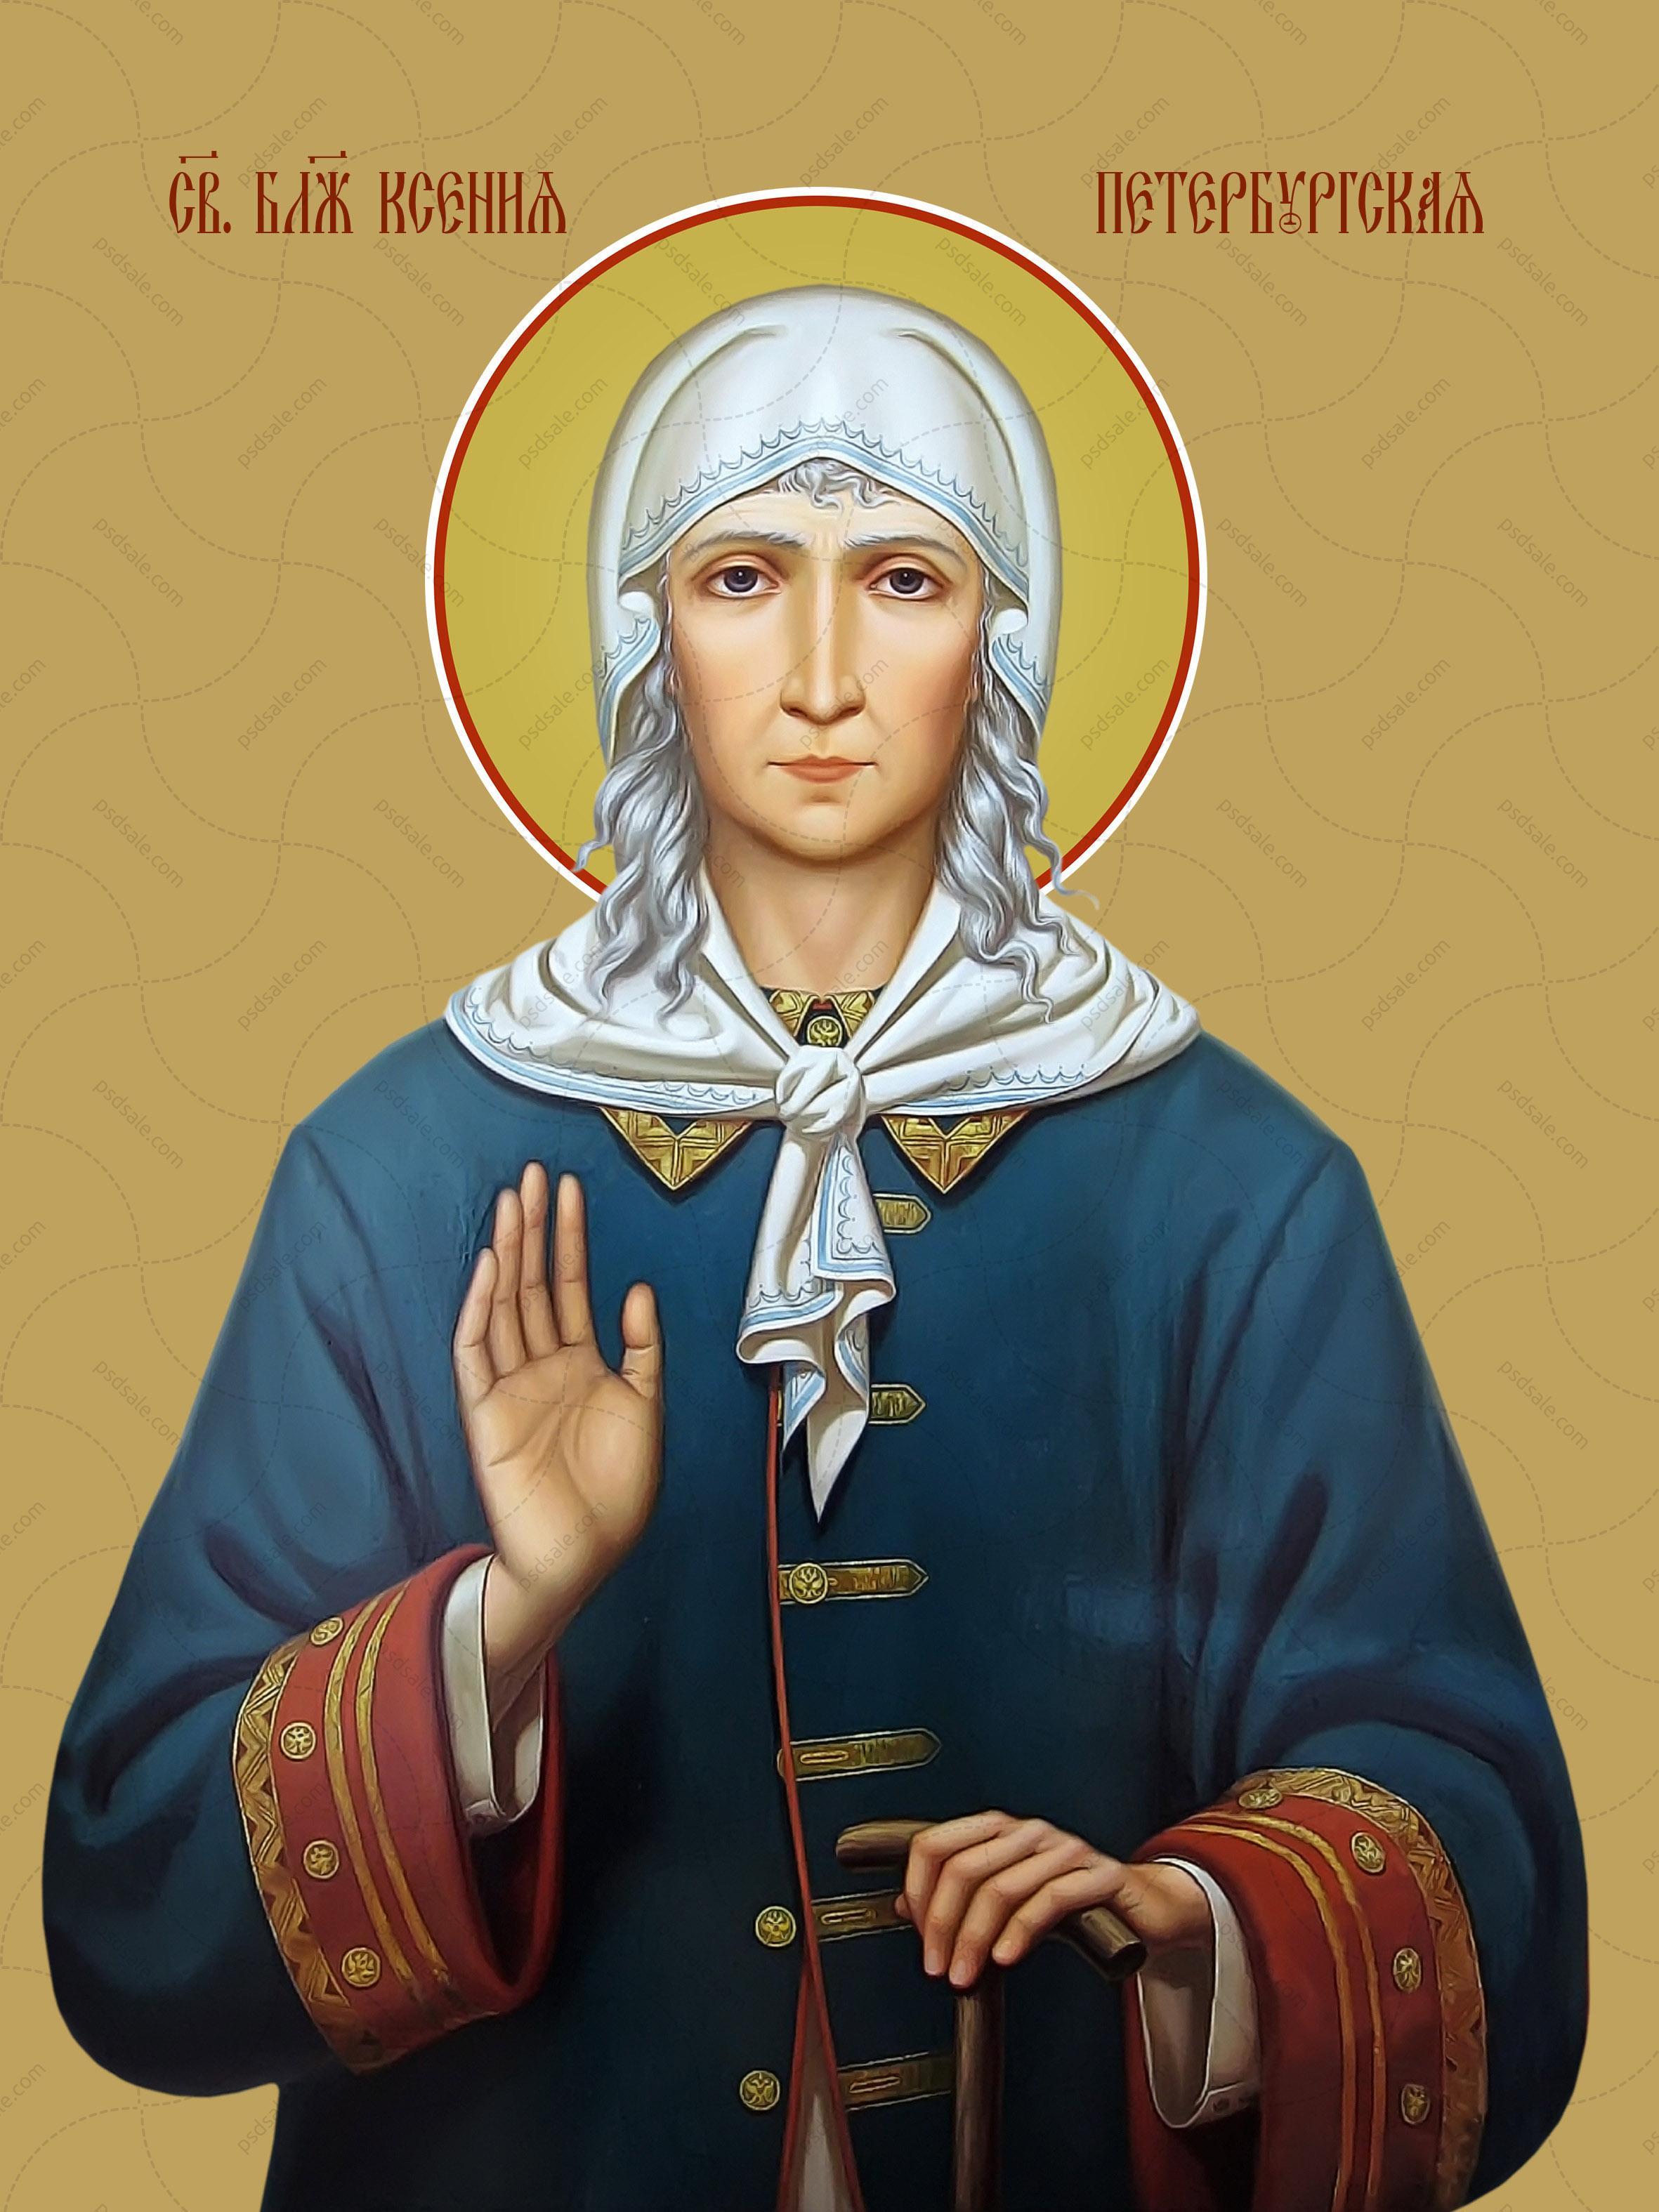 Ксения Петербургская, святая